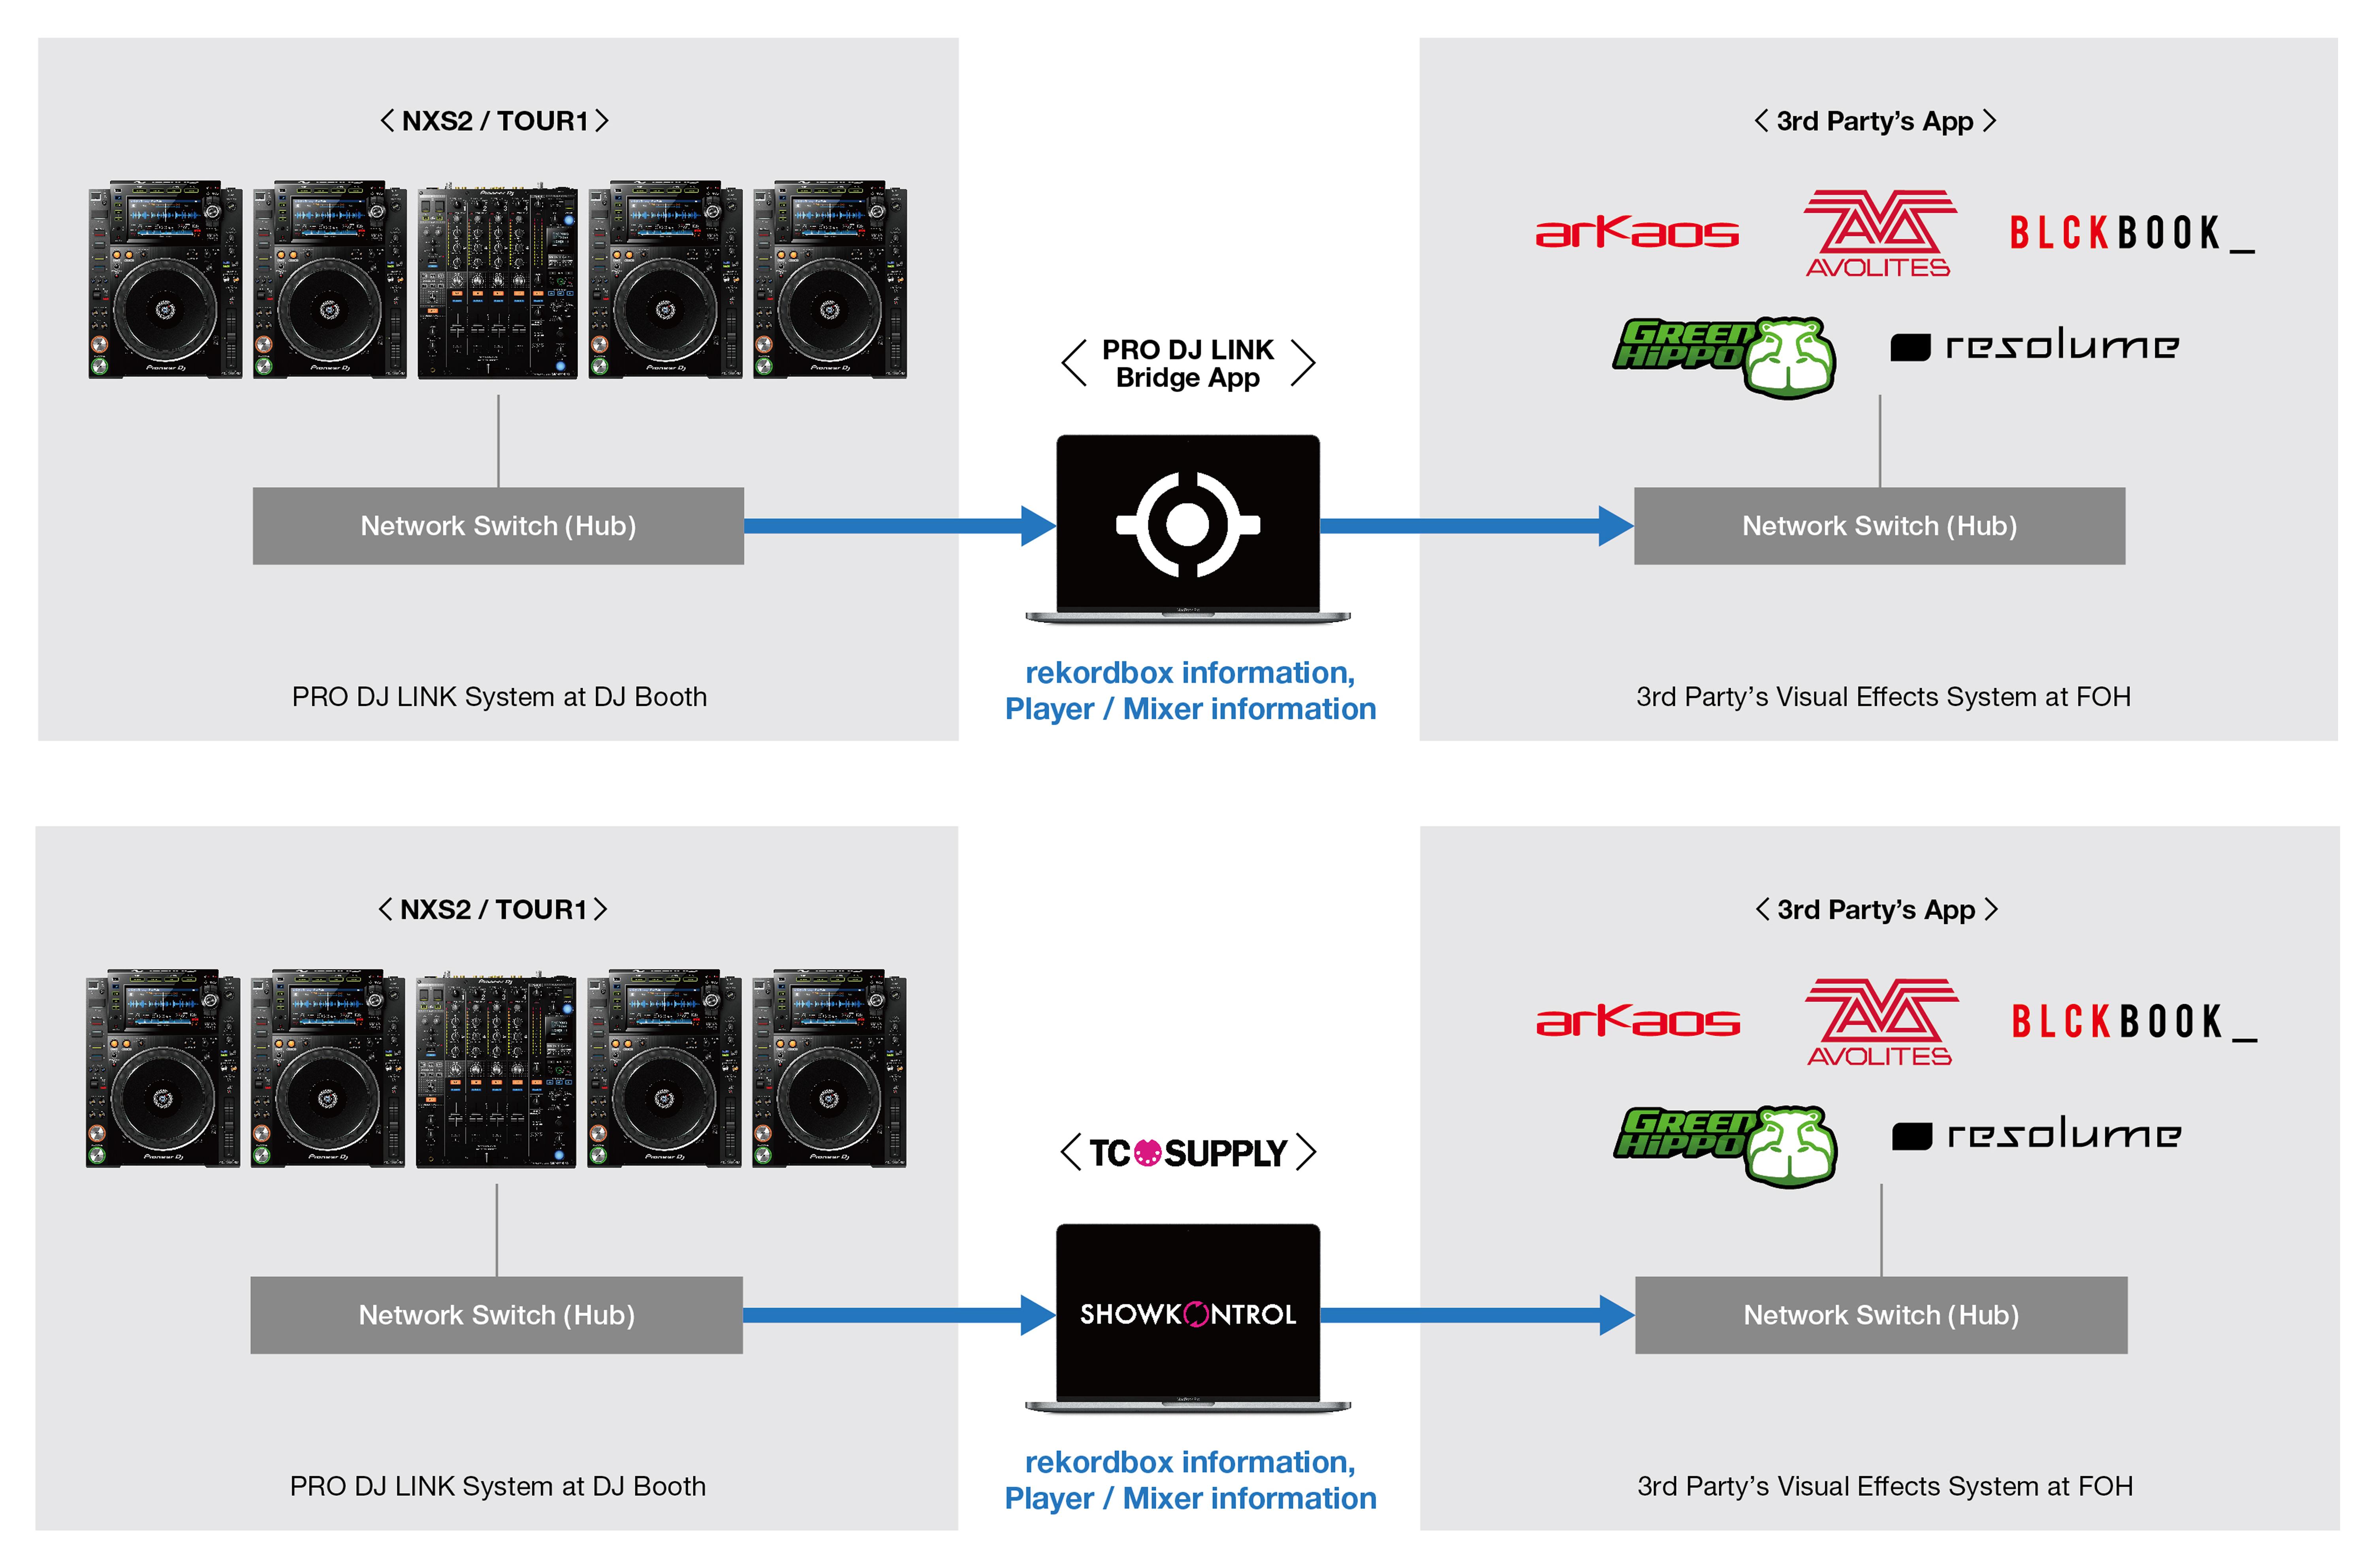 pro-dj-link-bridge-connection-diagram